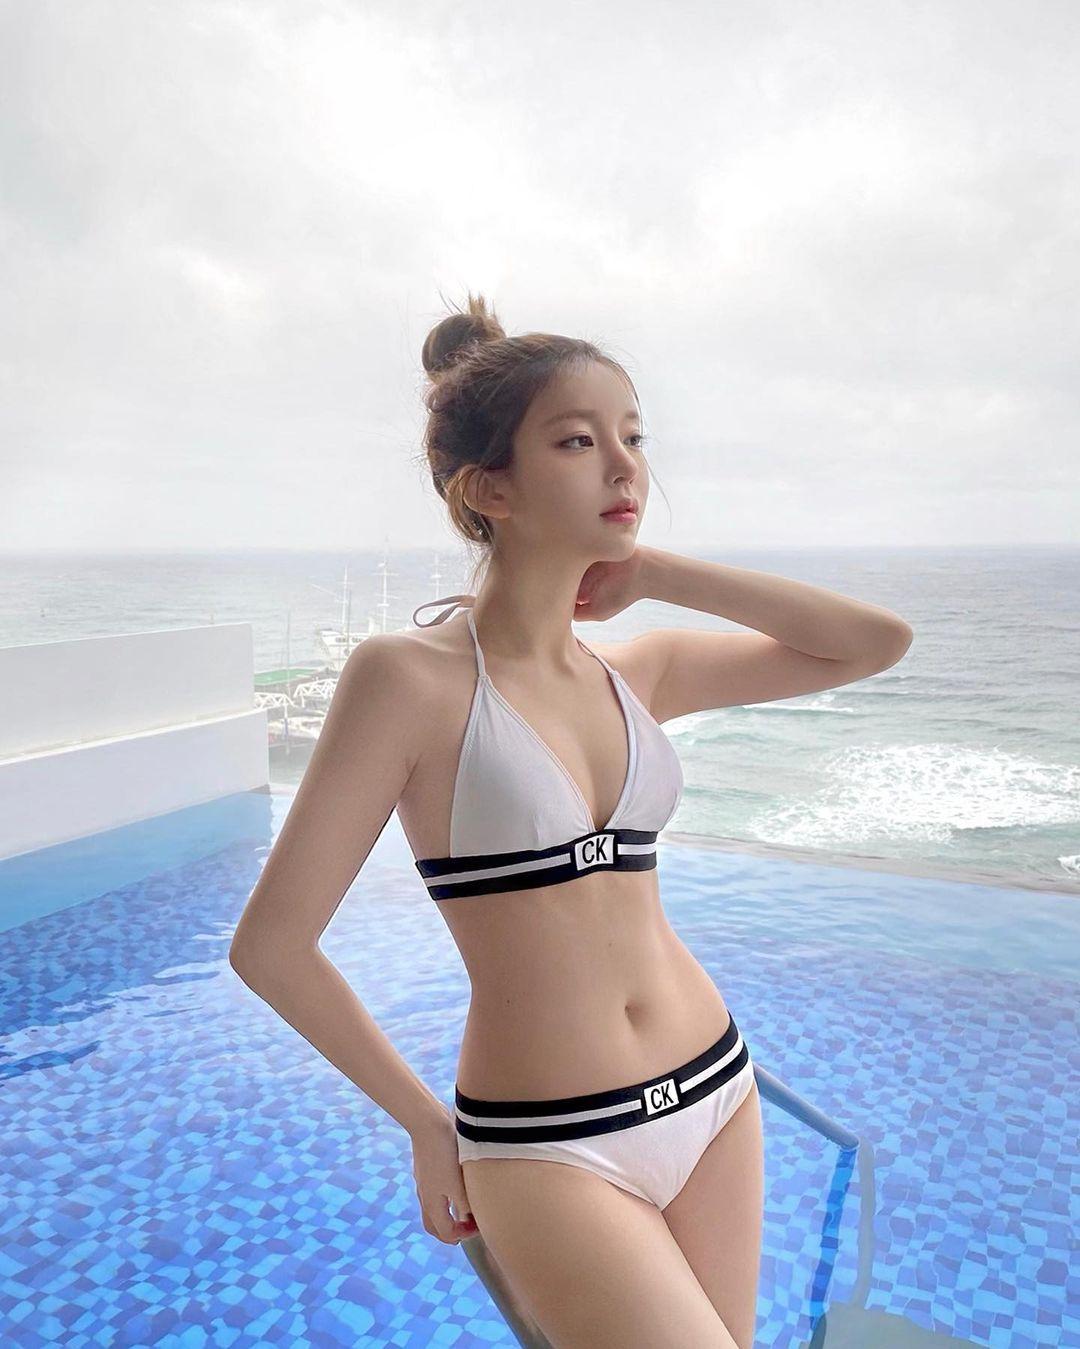 女团成员变闆娘!IG吸粉174万「韩国微笑女神」卖自家设计泳衣 - 宅男圈